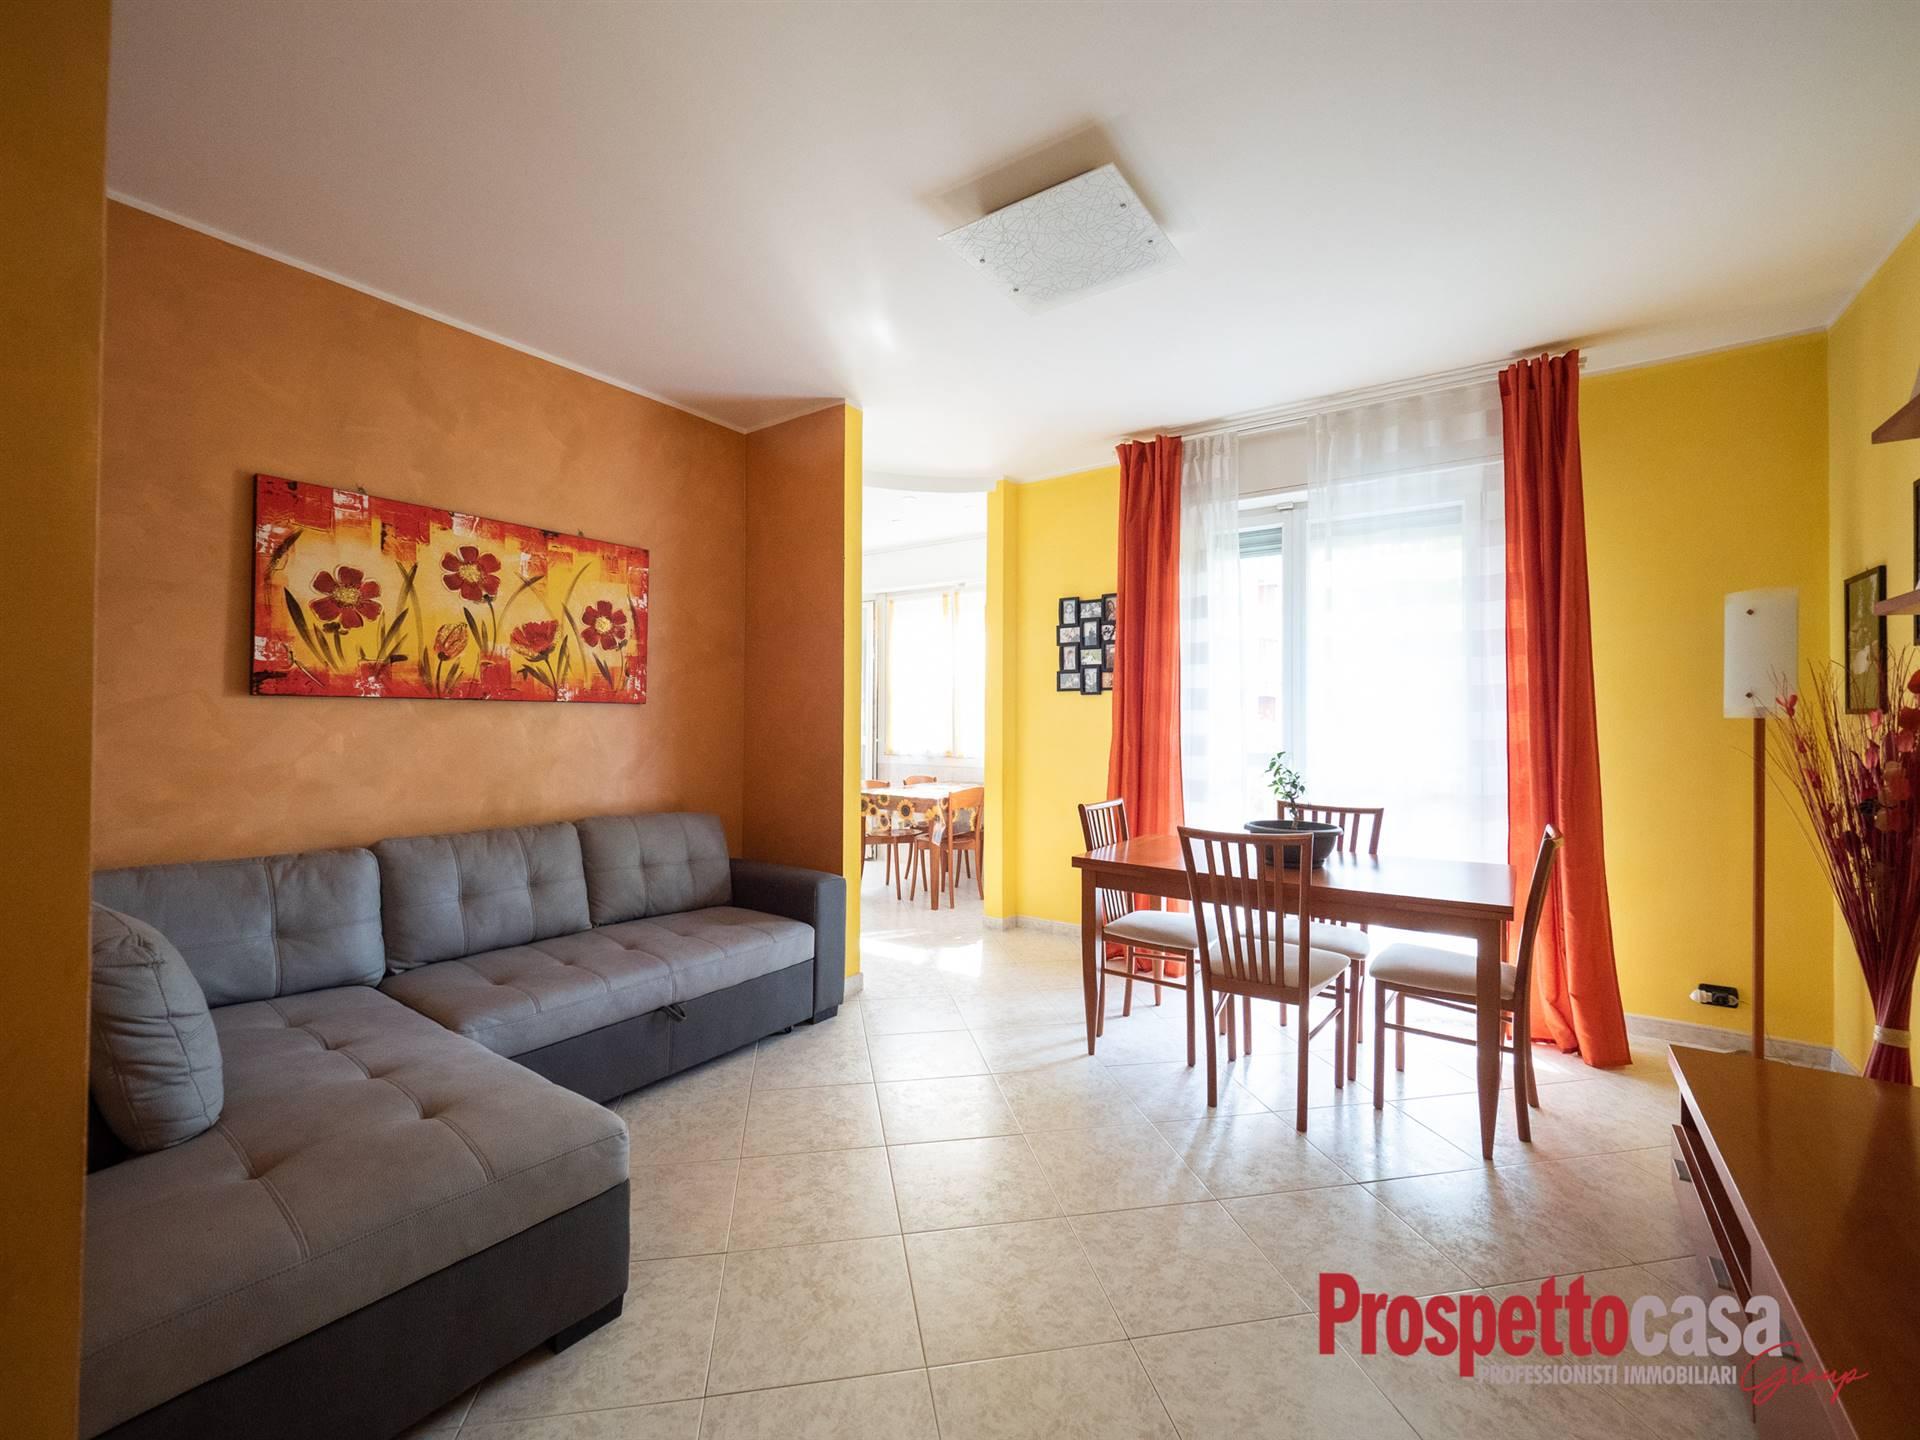 Appartamento in vendita a Trezzano sul Naviglio, 3 locali, prezzo € 179.000   CambioCasa.it